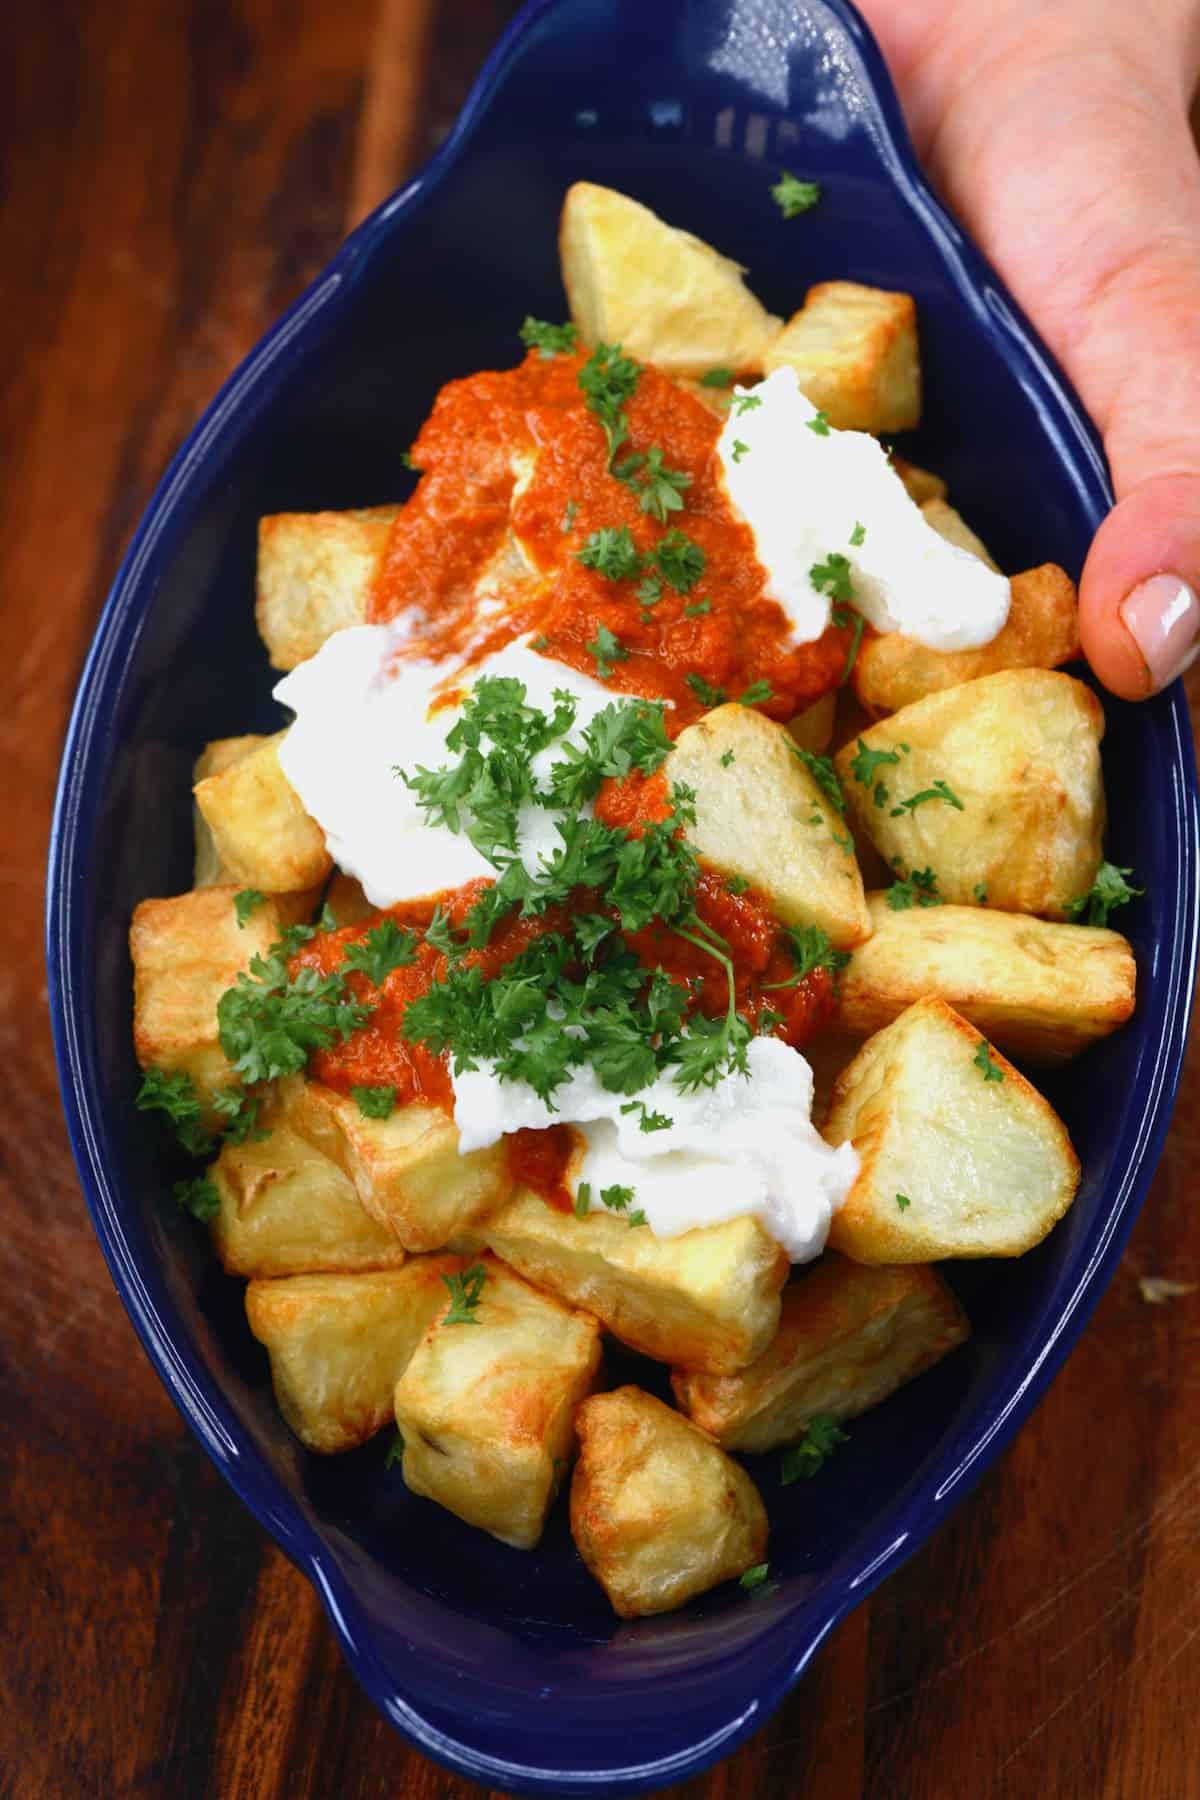 Papatas bravas topped with parsley